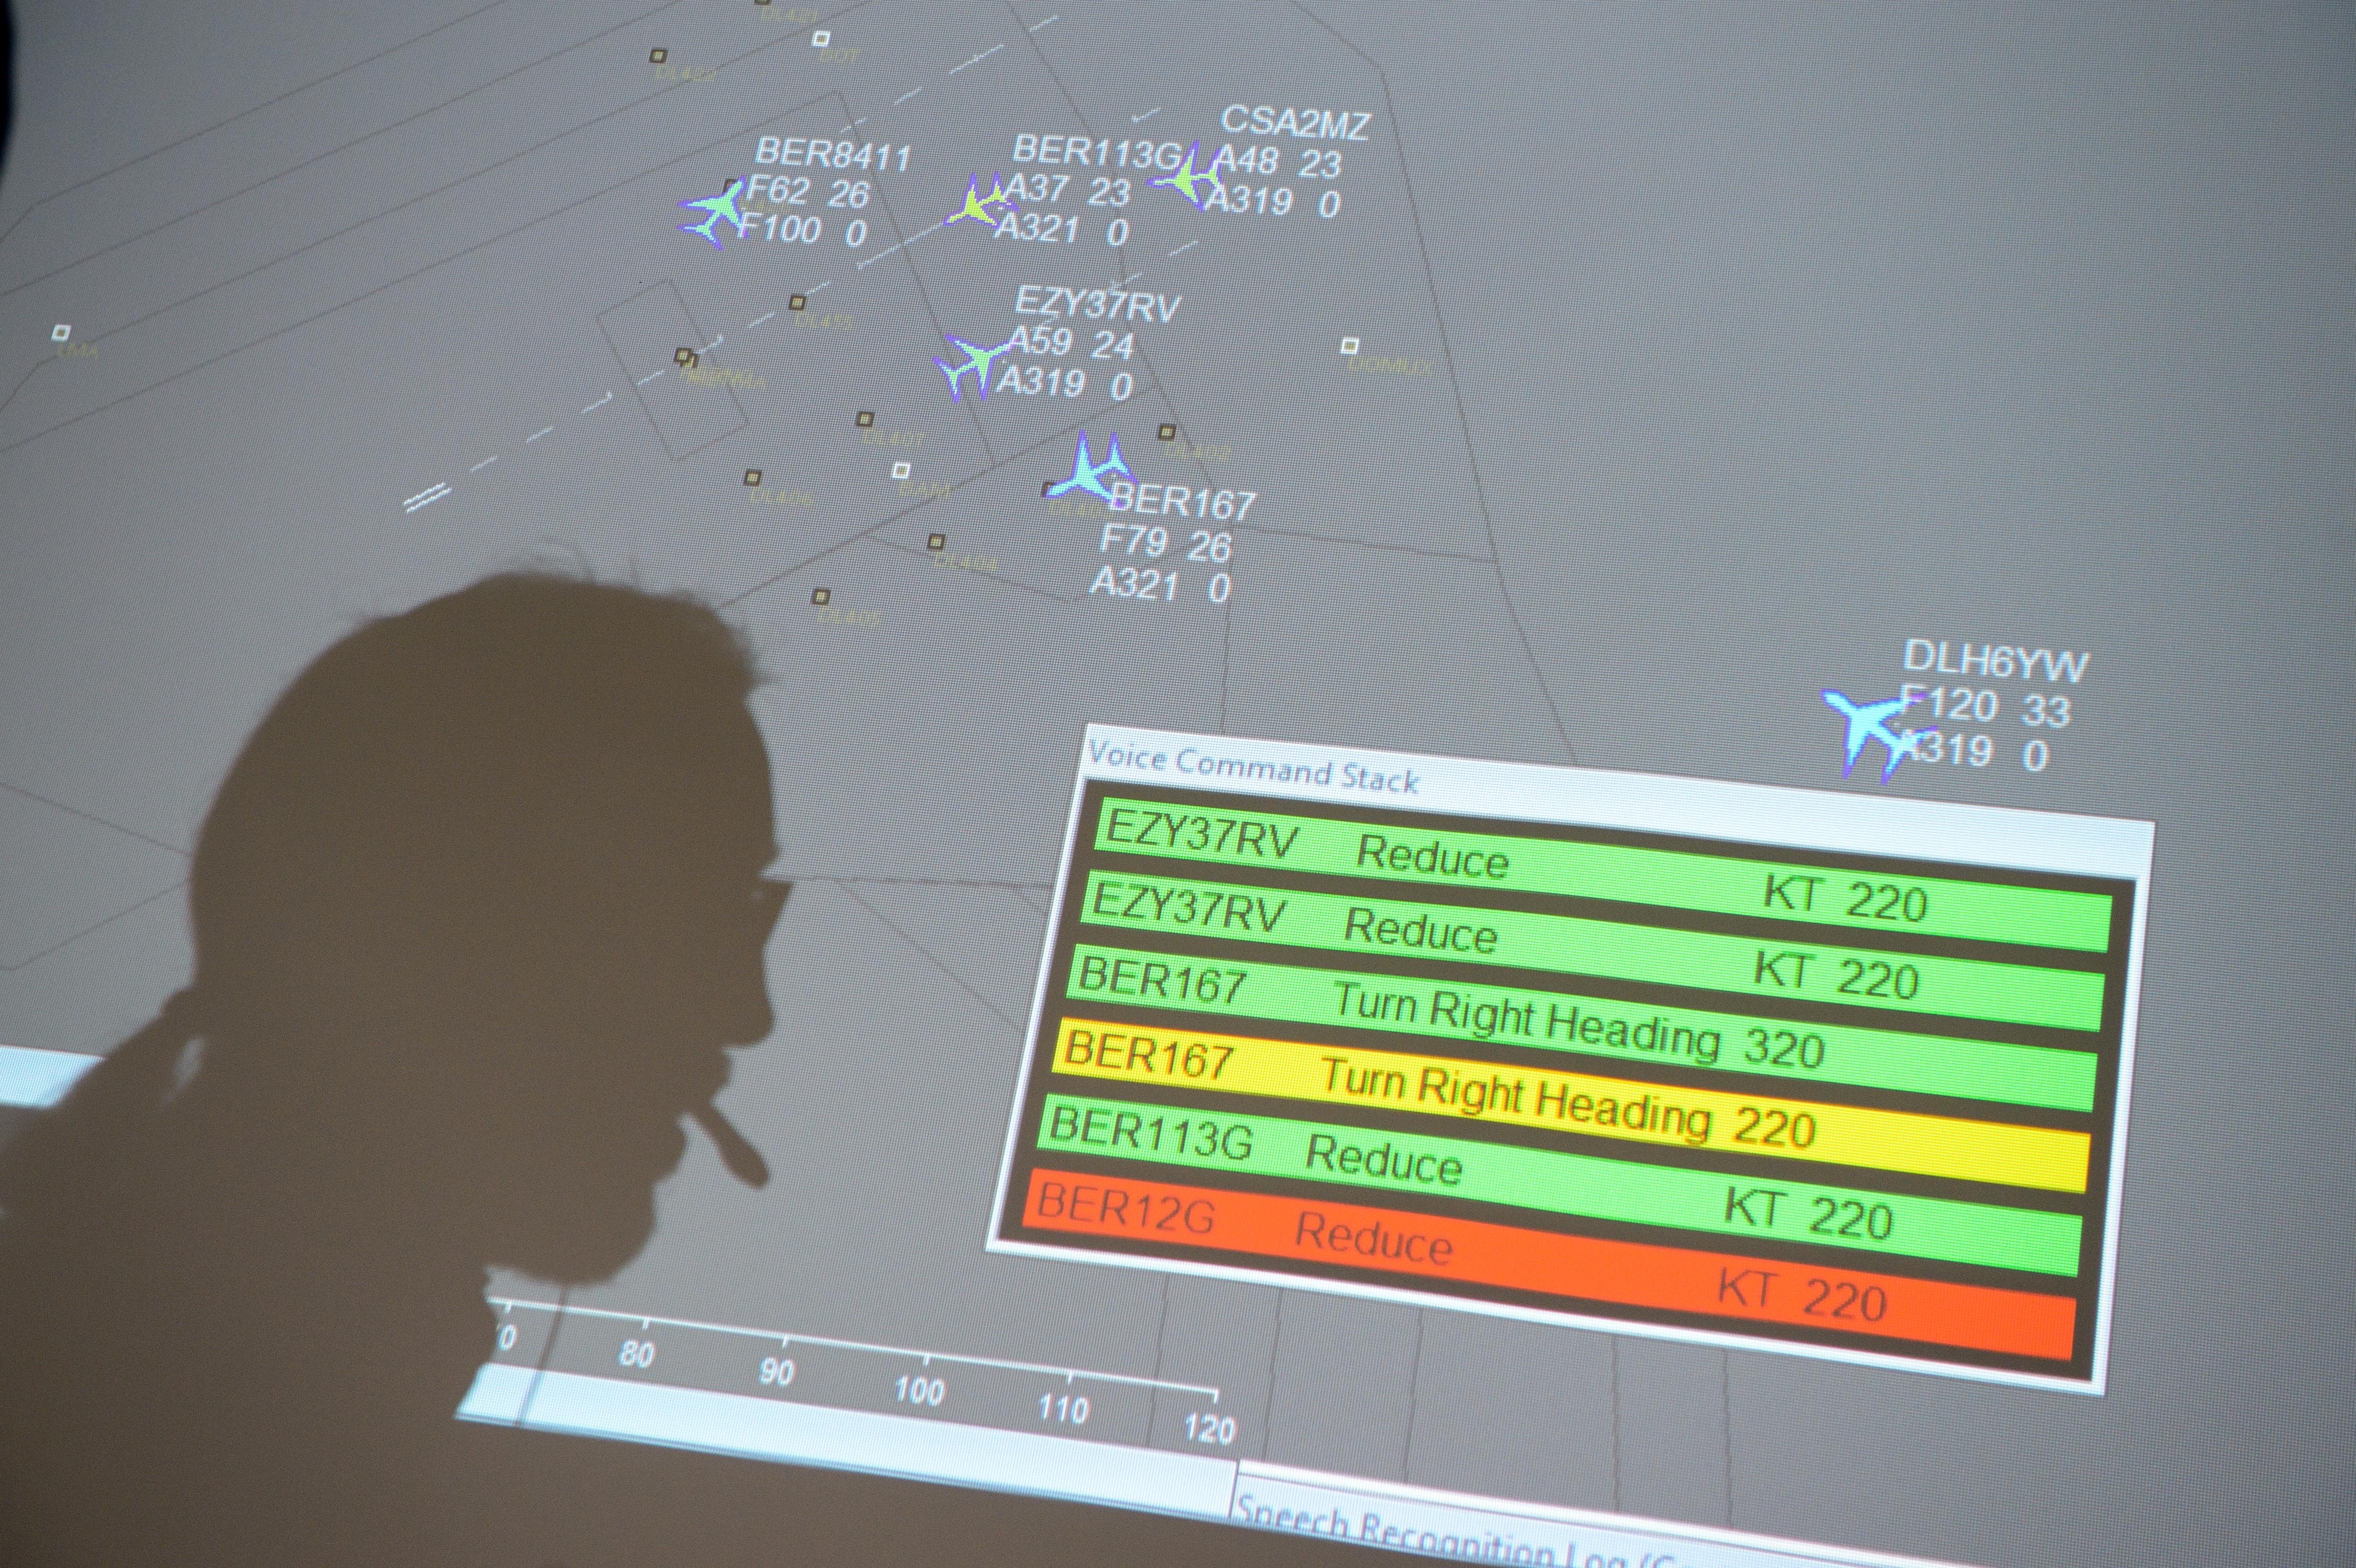 Cebit 2017: Saarbrücker Computerlinguisten machen Assistenzsystem für Fluglotsen intelligenter